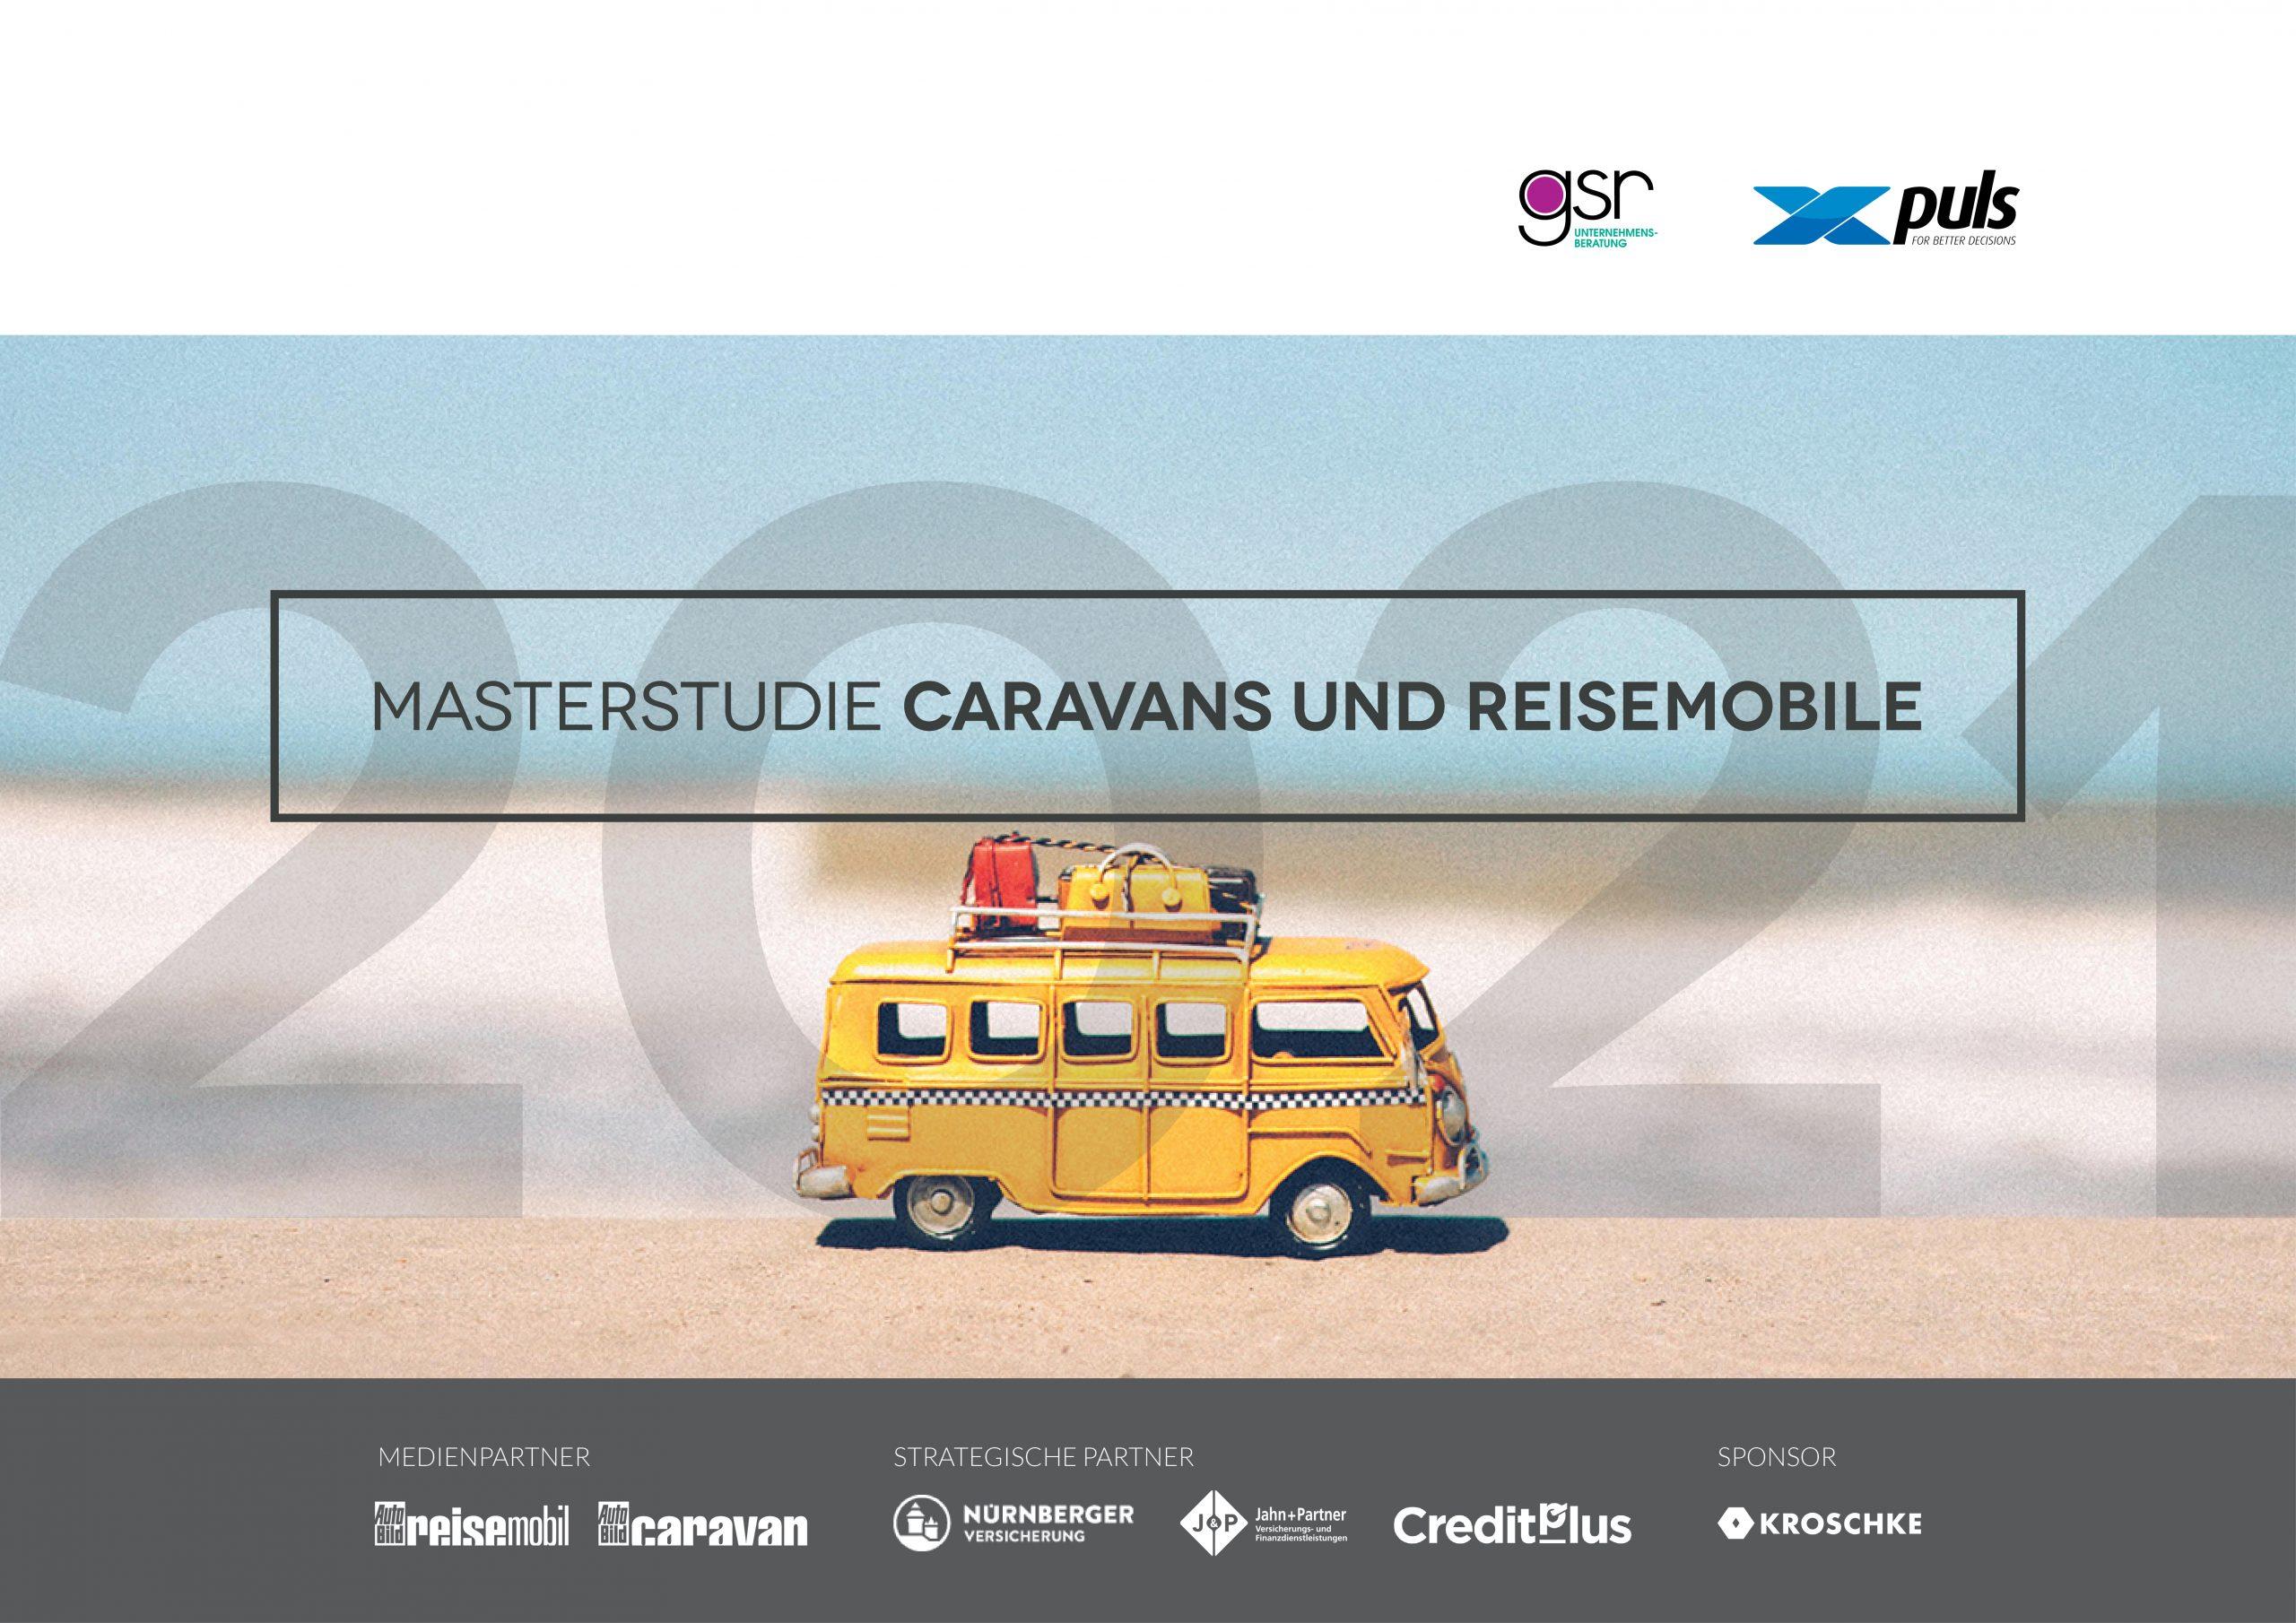 Masterstudie Caravans und Reisemobile